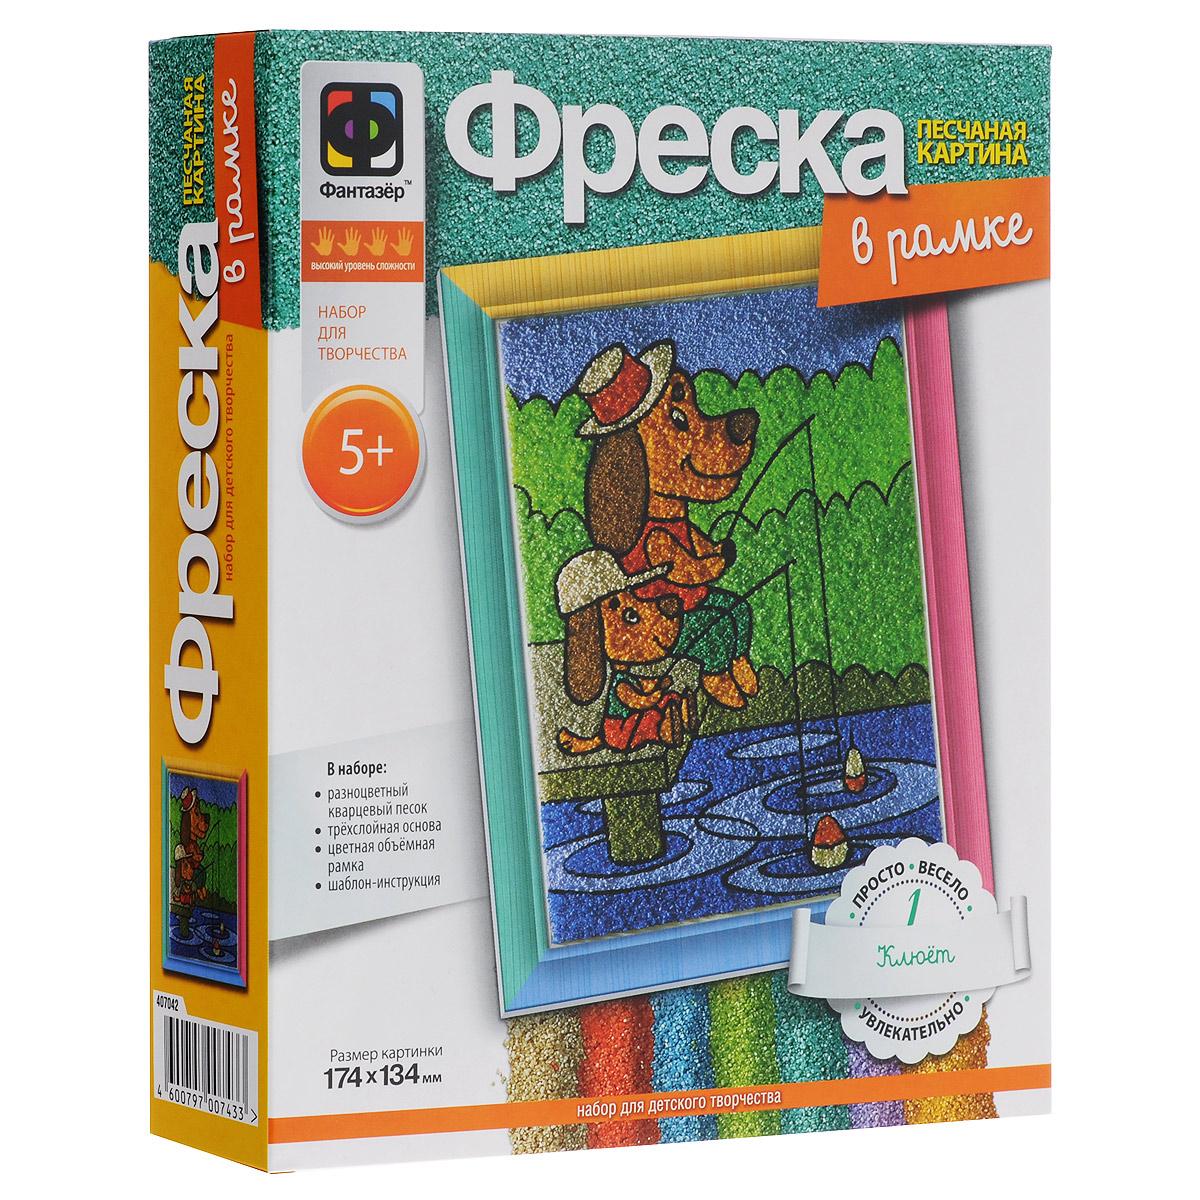 Набор для создания фрески Фантазер Клюет407042С набором для создания фрески Фантазер Клюет ваш ребенок сможет изготовить удивительную картину из цветного песка! В набор входят: кварцевый песок 10 цветов (зеленый, светло-зеленый, болотный, красный, черный, белый, синий, голубой, коричневый, светло-коричневый), специальная трехслойная основа, заготовка рамки, шаблон. Малыш без труда создаст необычную песчаную картину, которая будет отличным украшением комнаты или кабинета и объектом гордости вашего ребенка. Процесс создания картины из песка прост и увлекателен - достаточно отклеить защитный слой с каждого элемента и засыпать его песком разных цветов, ориентируясь на изображение на упаковке. Начинайте с песка черного цвета, переходя от темных оттенков к более светлым, от мелких элементов к более крупным. Готовую картинку с изображением очаровательных собачек можно оформить входящей в комплект сборной рамкой. Инструкция расположена на обратной стороне шаблона. Вас ждет интересное занятие и великолепный...